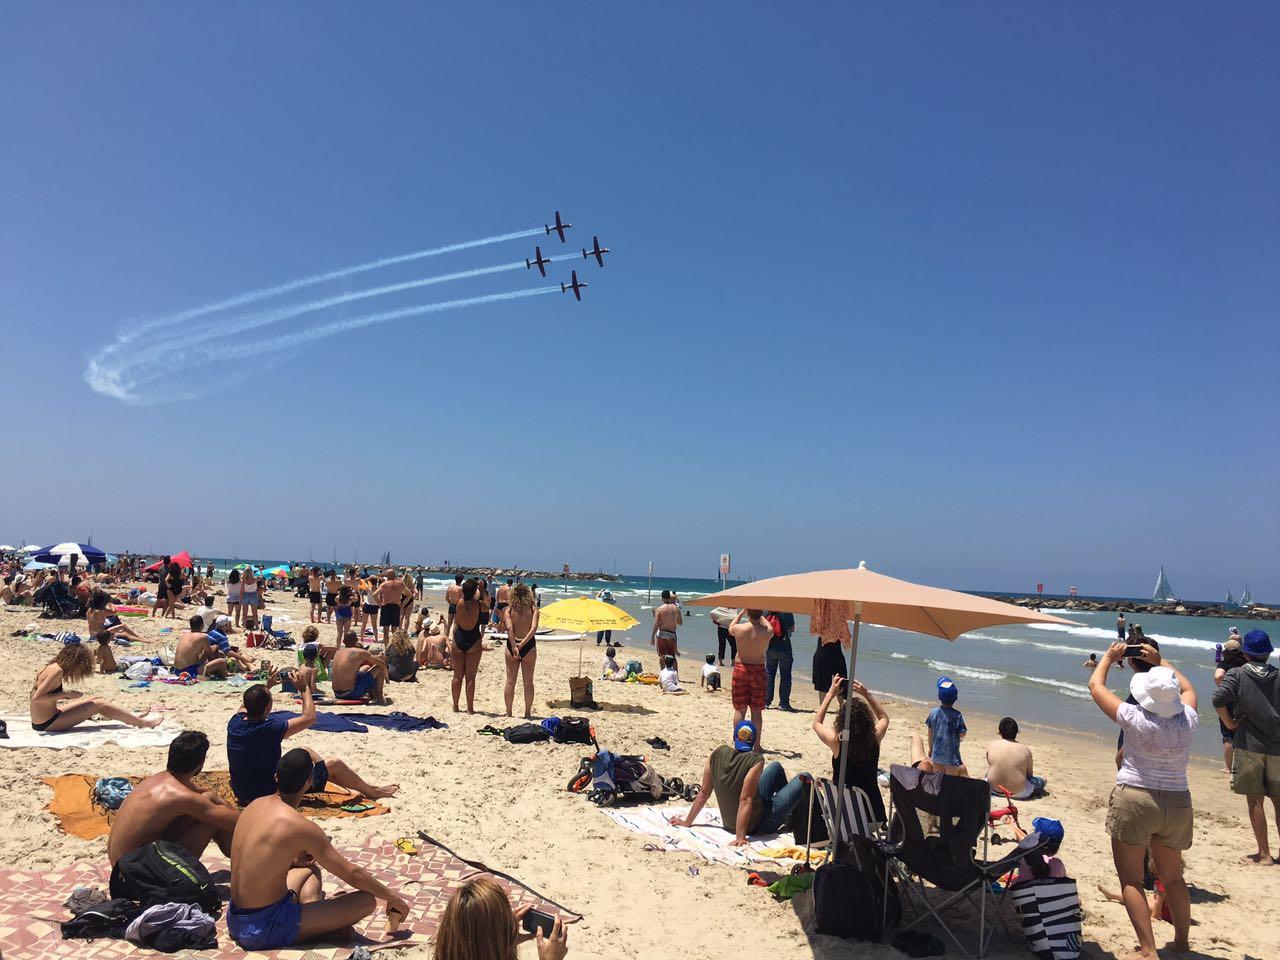 Par cette chaleur, on n'est bien qu'à la plage, d'autant plus quand on peut admirer en même temps un show aérien le jour de la fête de l'indépendance (photo : KH)